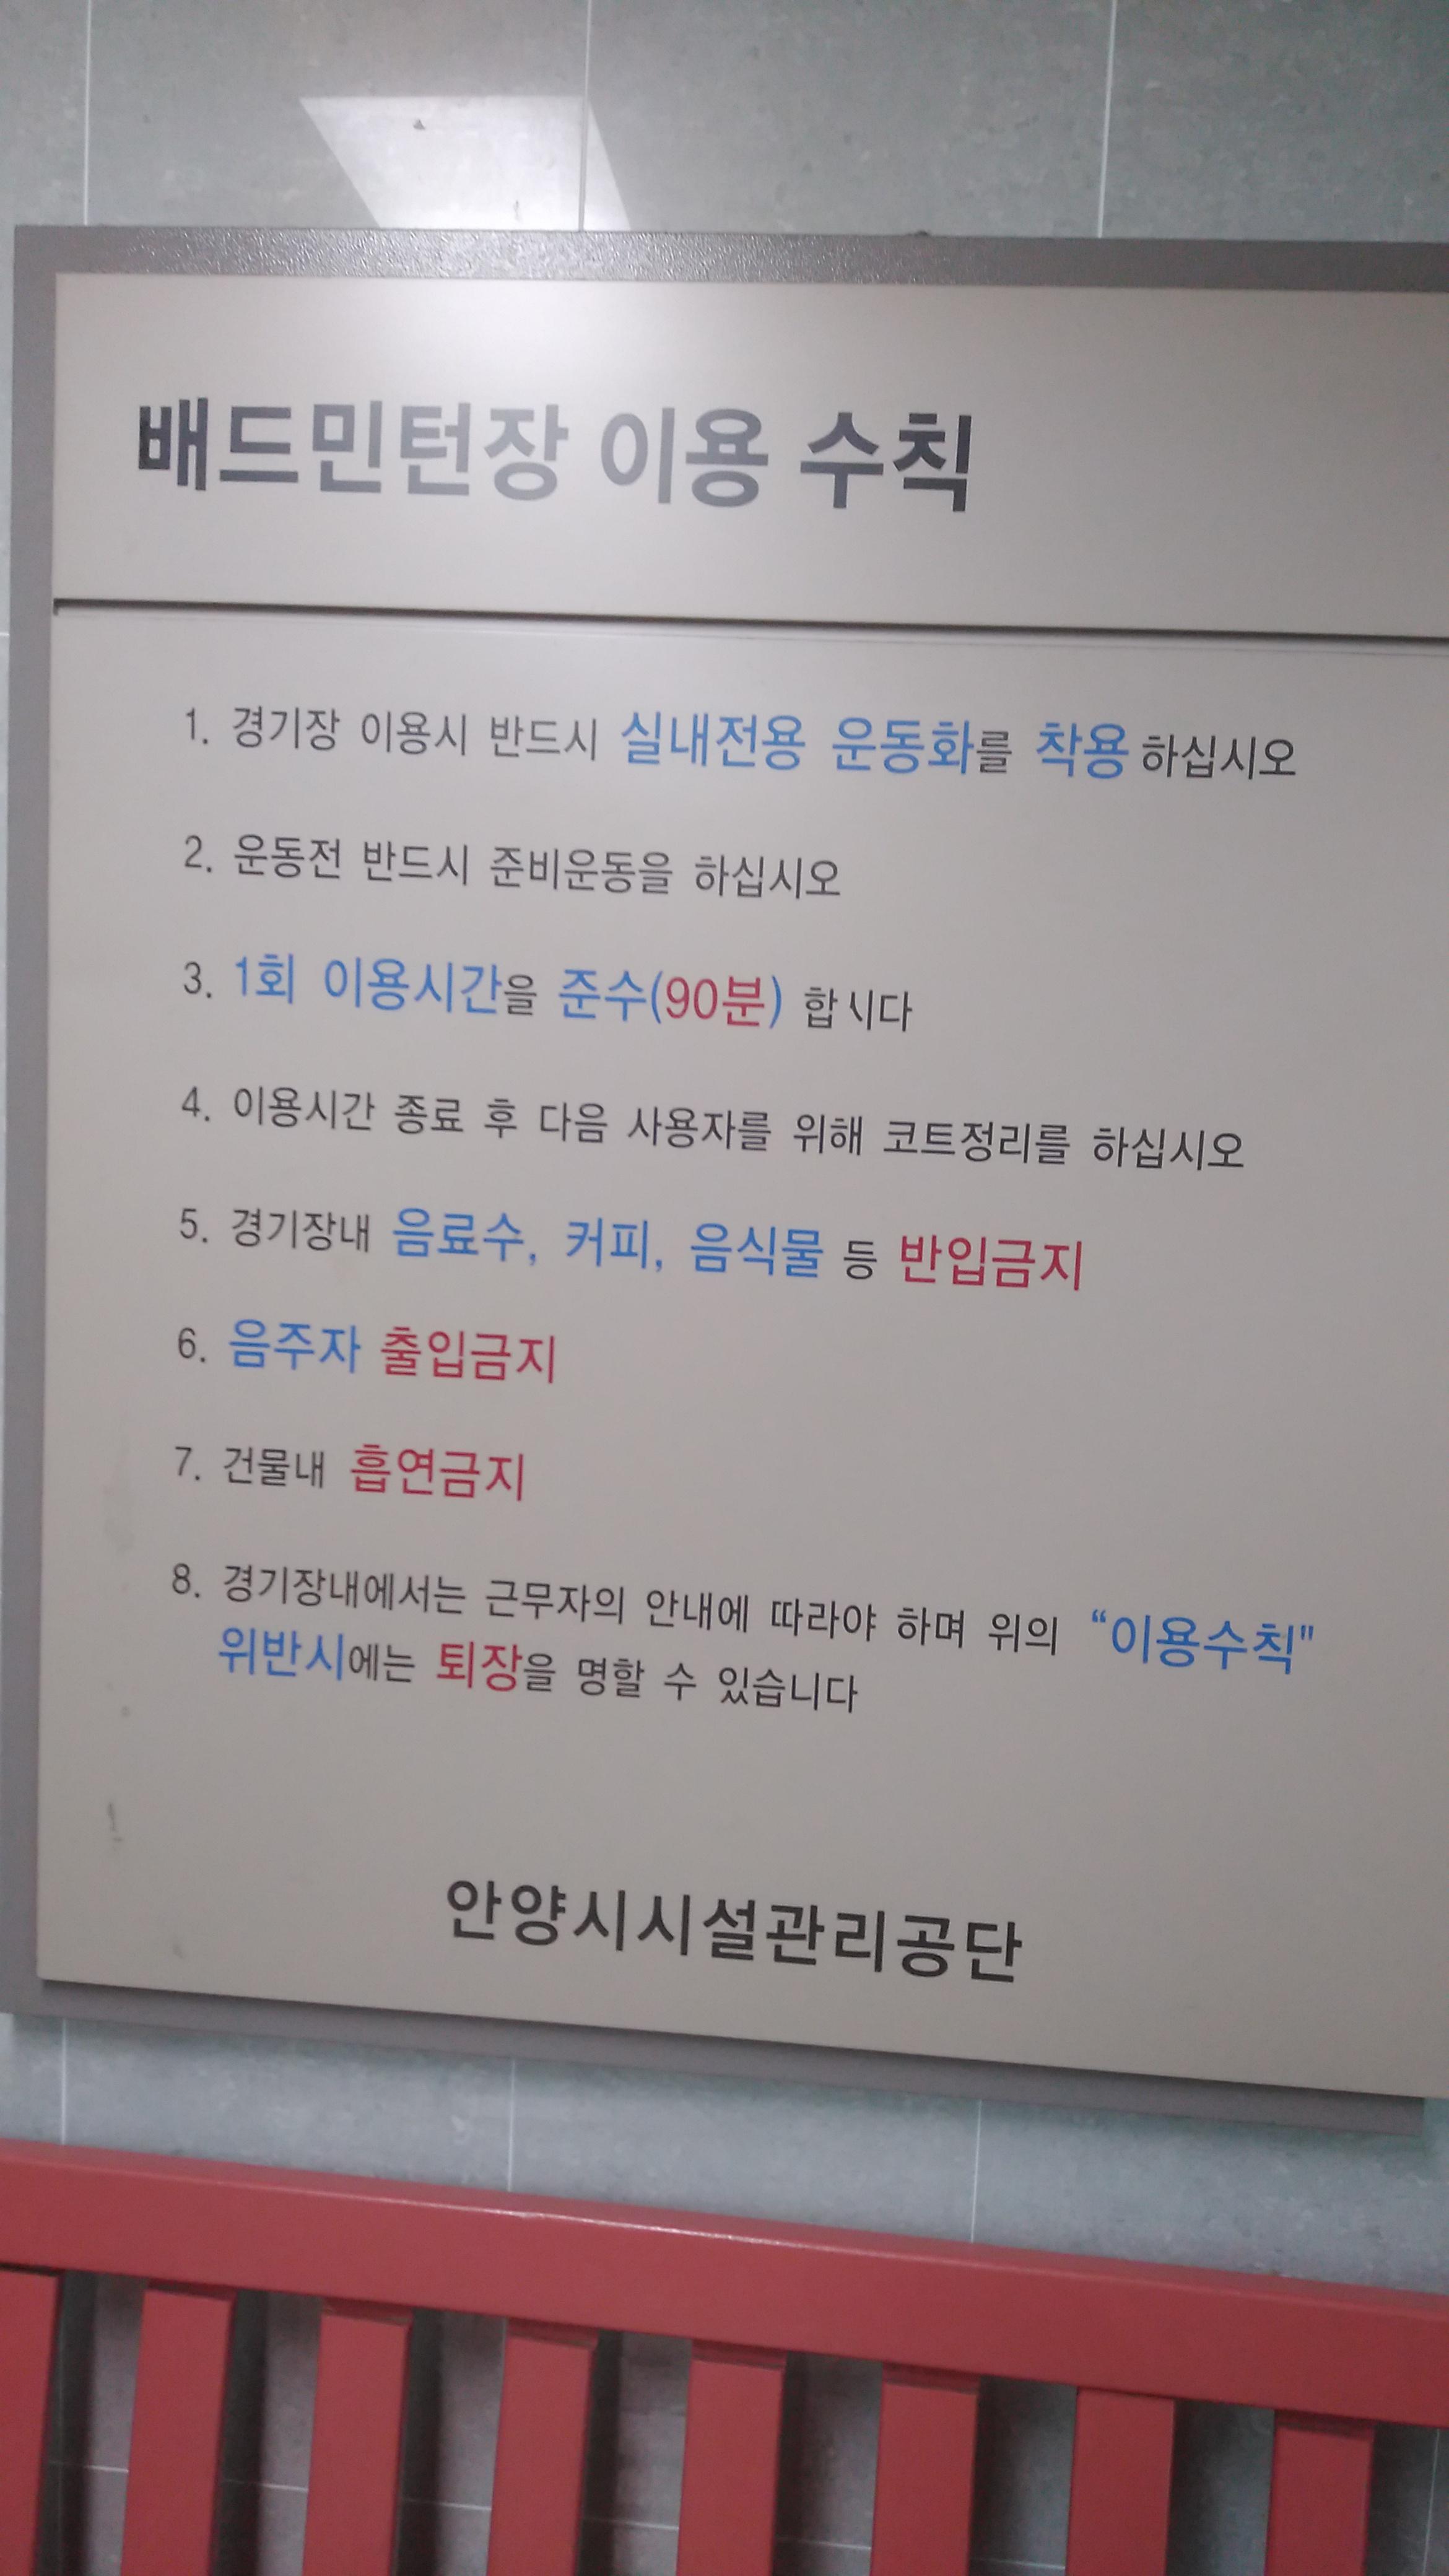 이용 수칙 - 안양시설관리공단